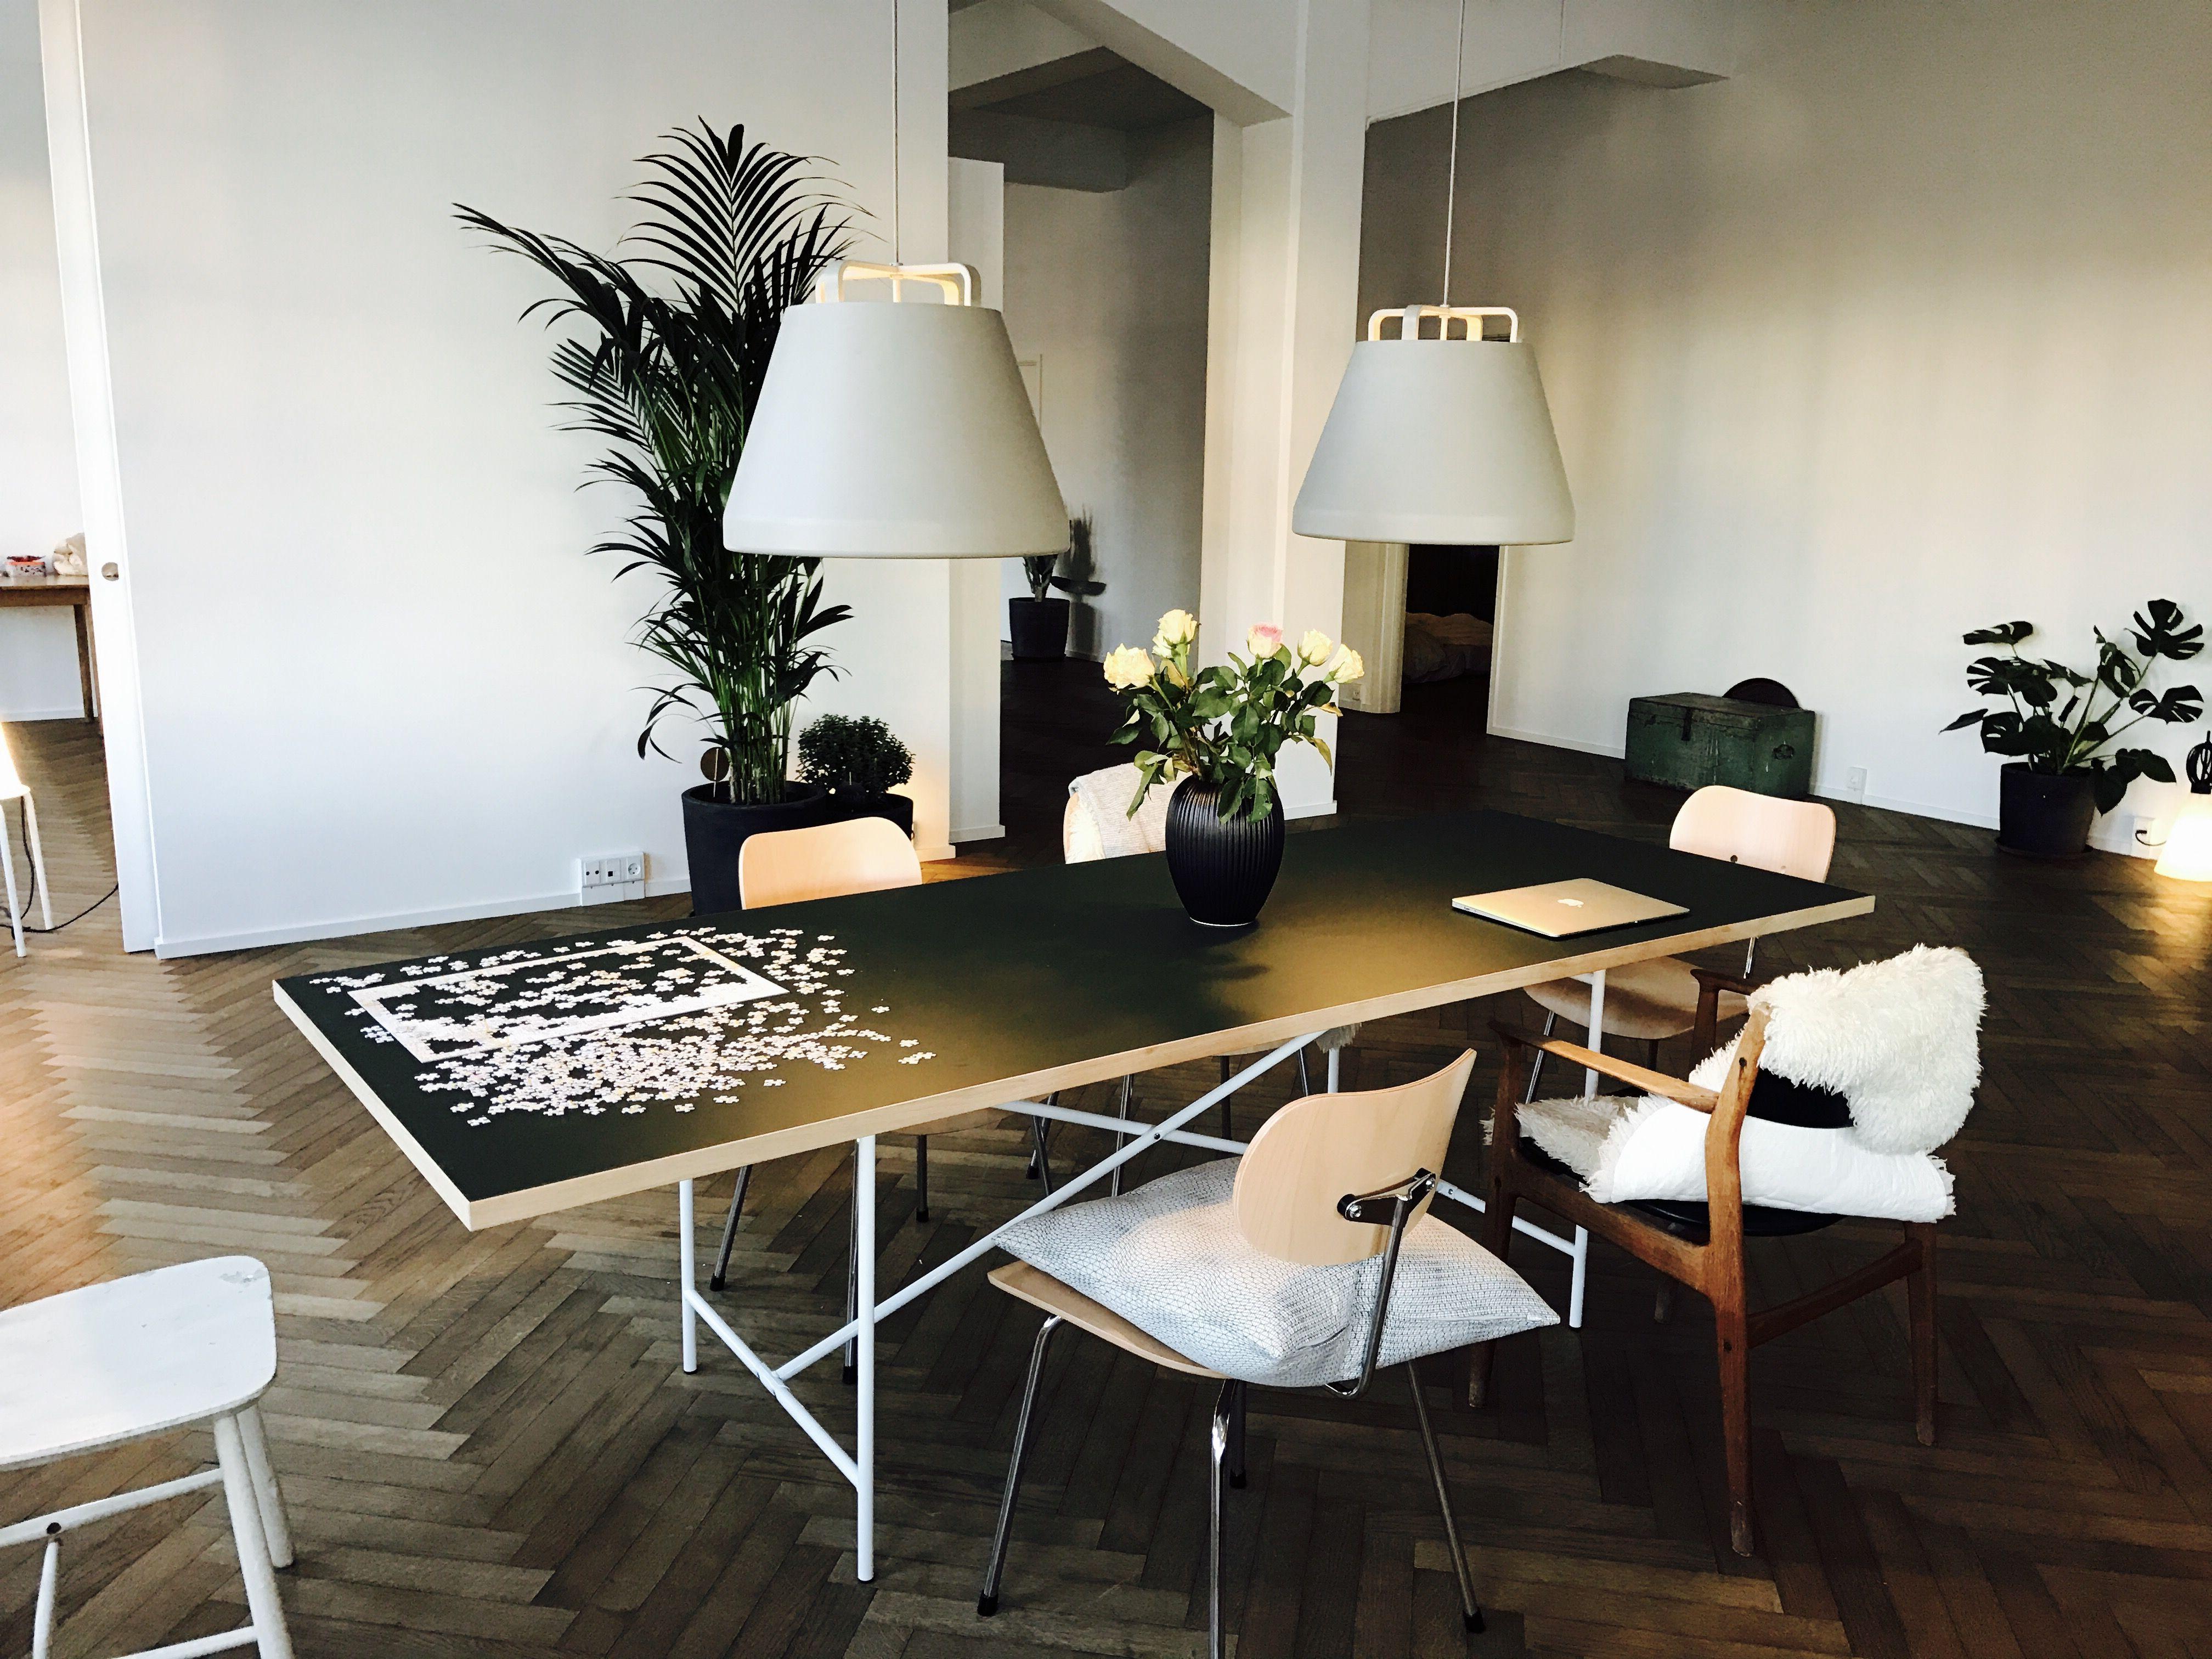 Inspirational Eiermann bord millioncph lampe dansk hygge puslespil